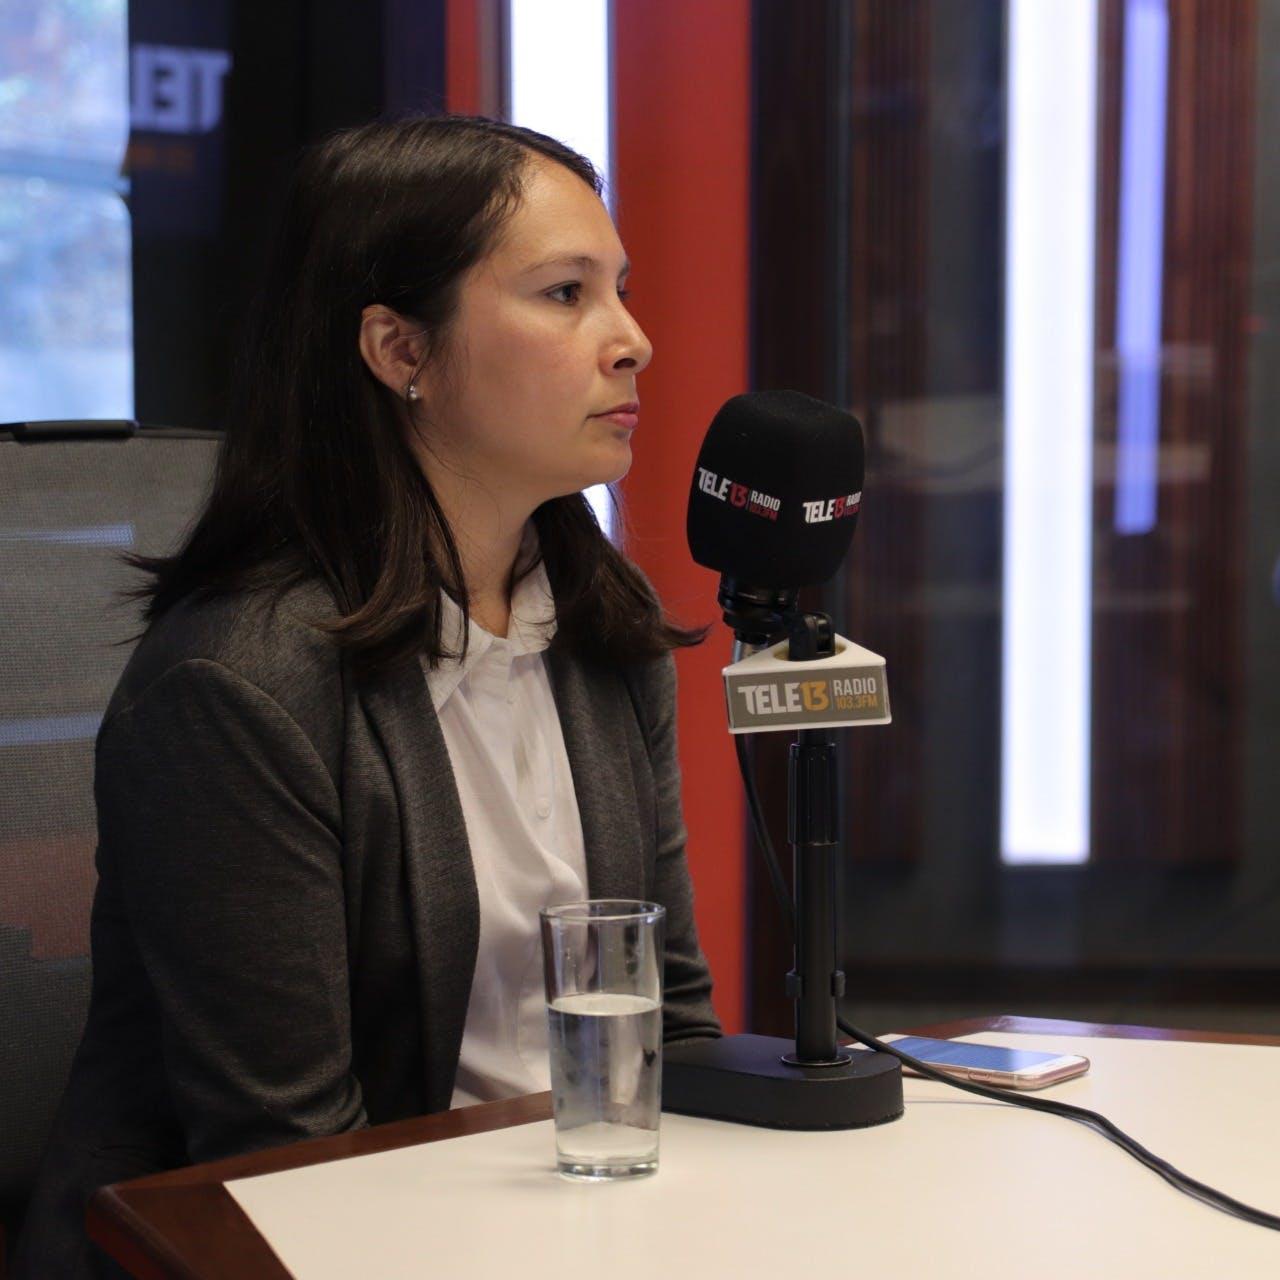 Directora Derechos Digitales: El Estado debe invertir en la formación de policias y del sistema judicial para tener mayor entendimiento de cómo funciona e incide la tecnología